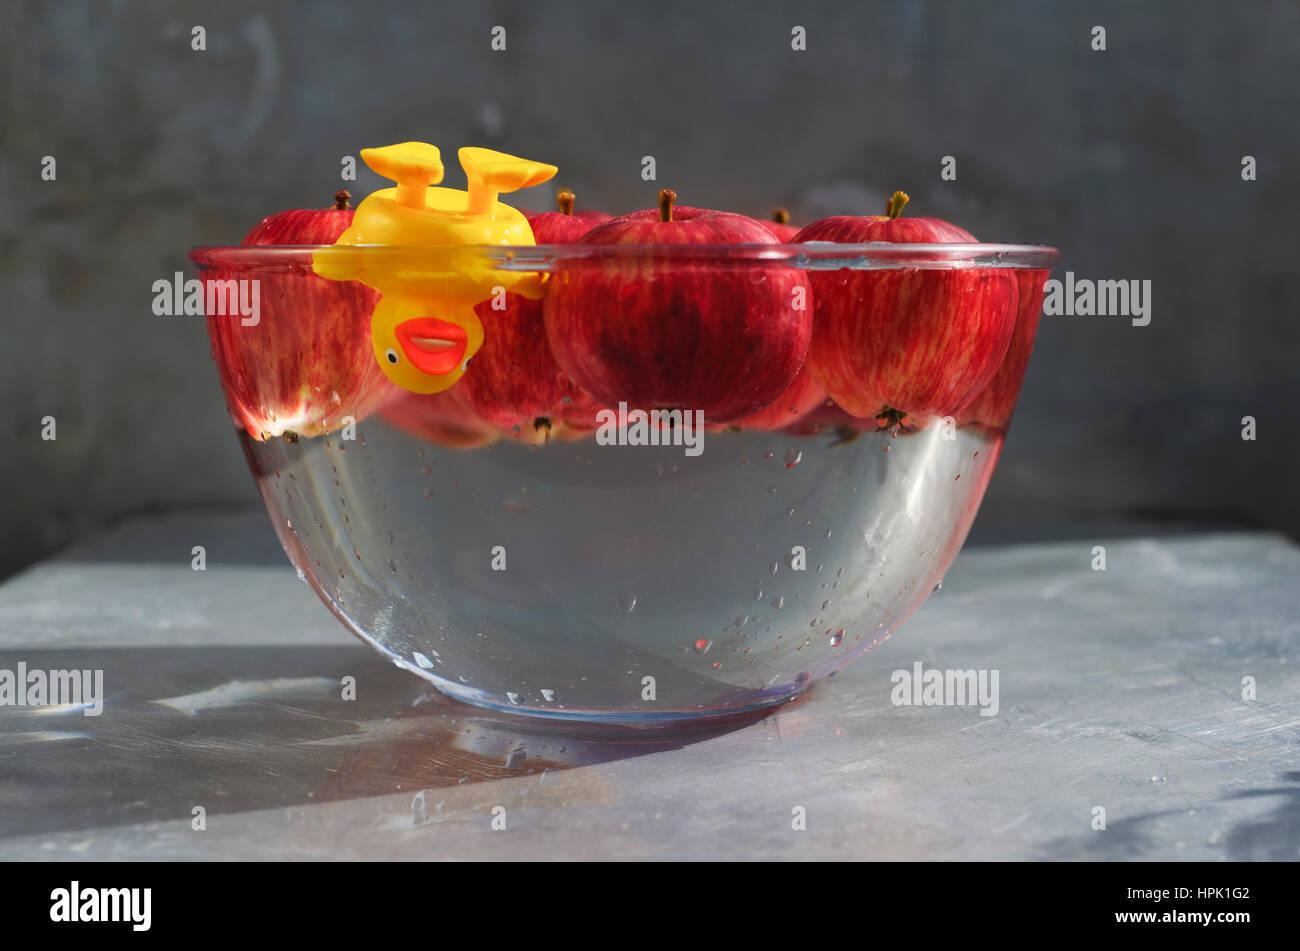 L'atténuation pour les pommes. Canard en plastique jaune, bien jouer dans un bol d'eau et de pommes Photo Stock